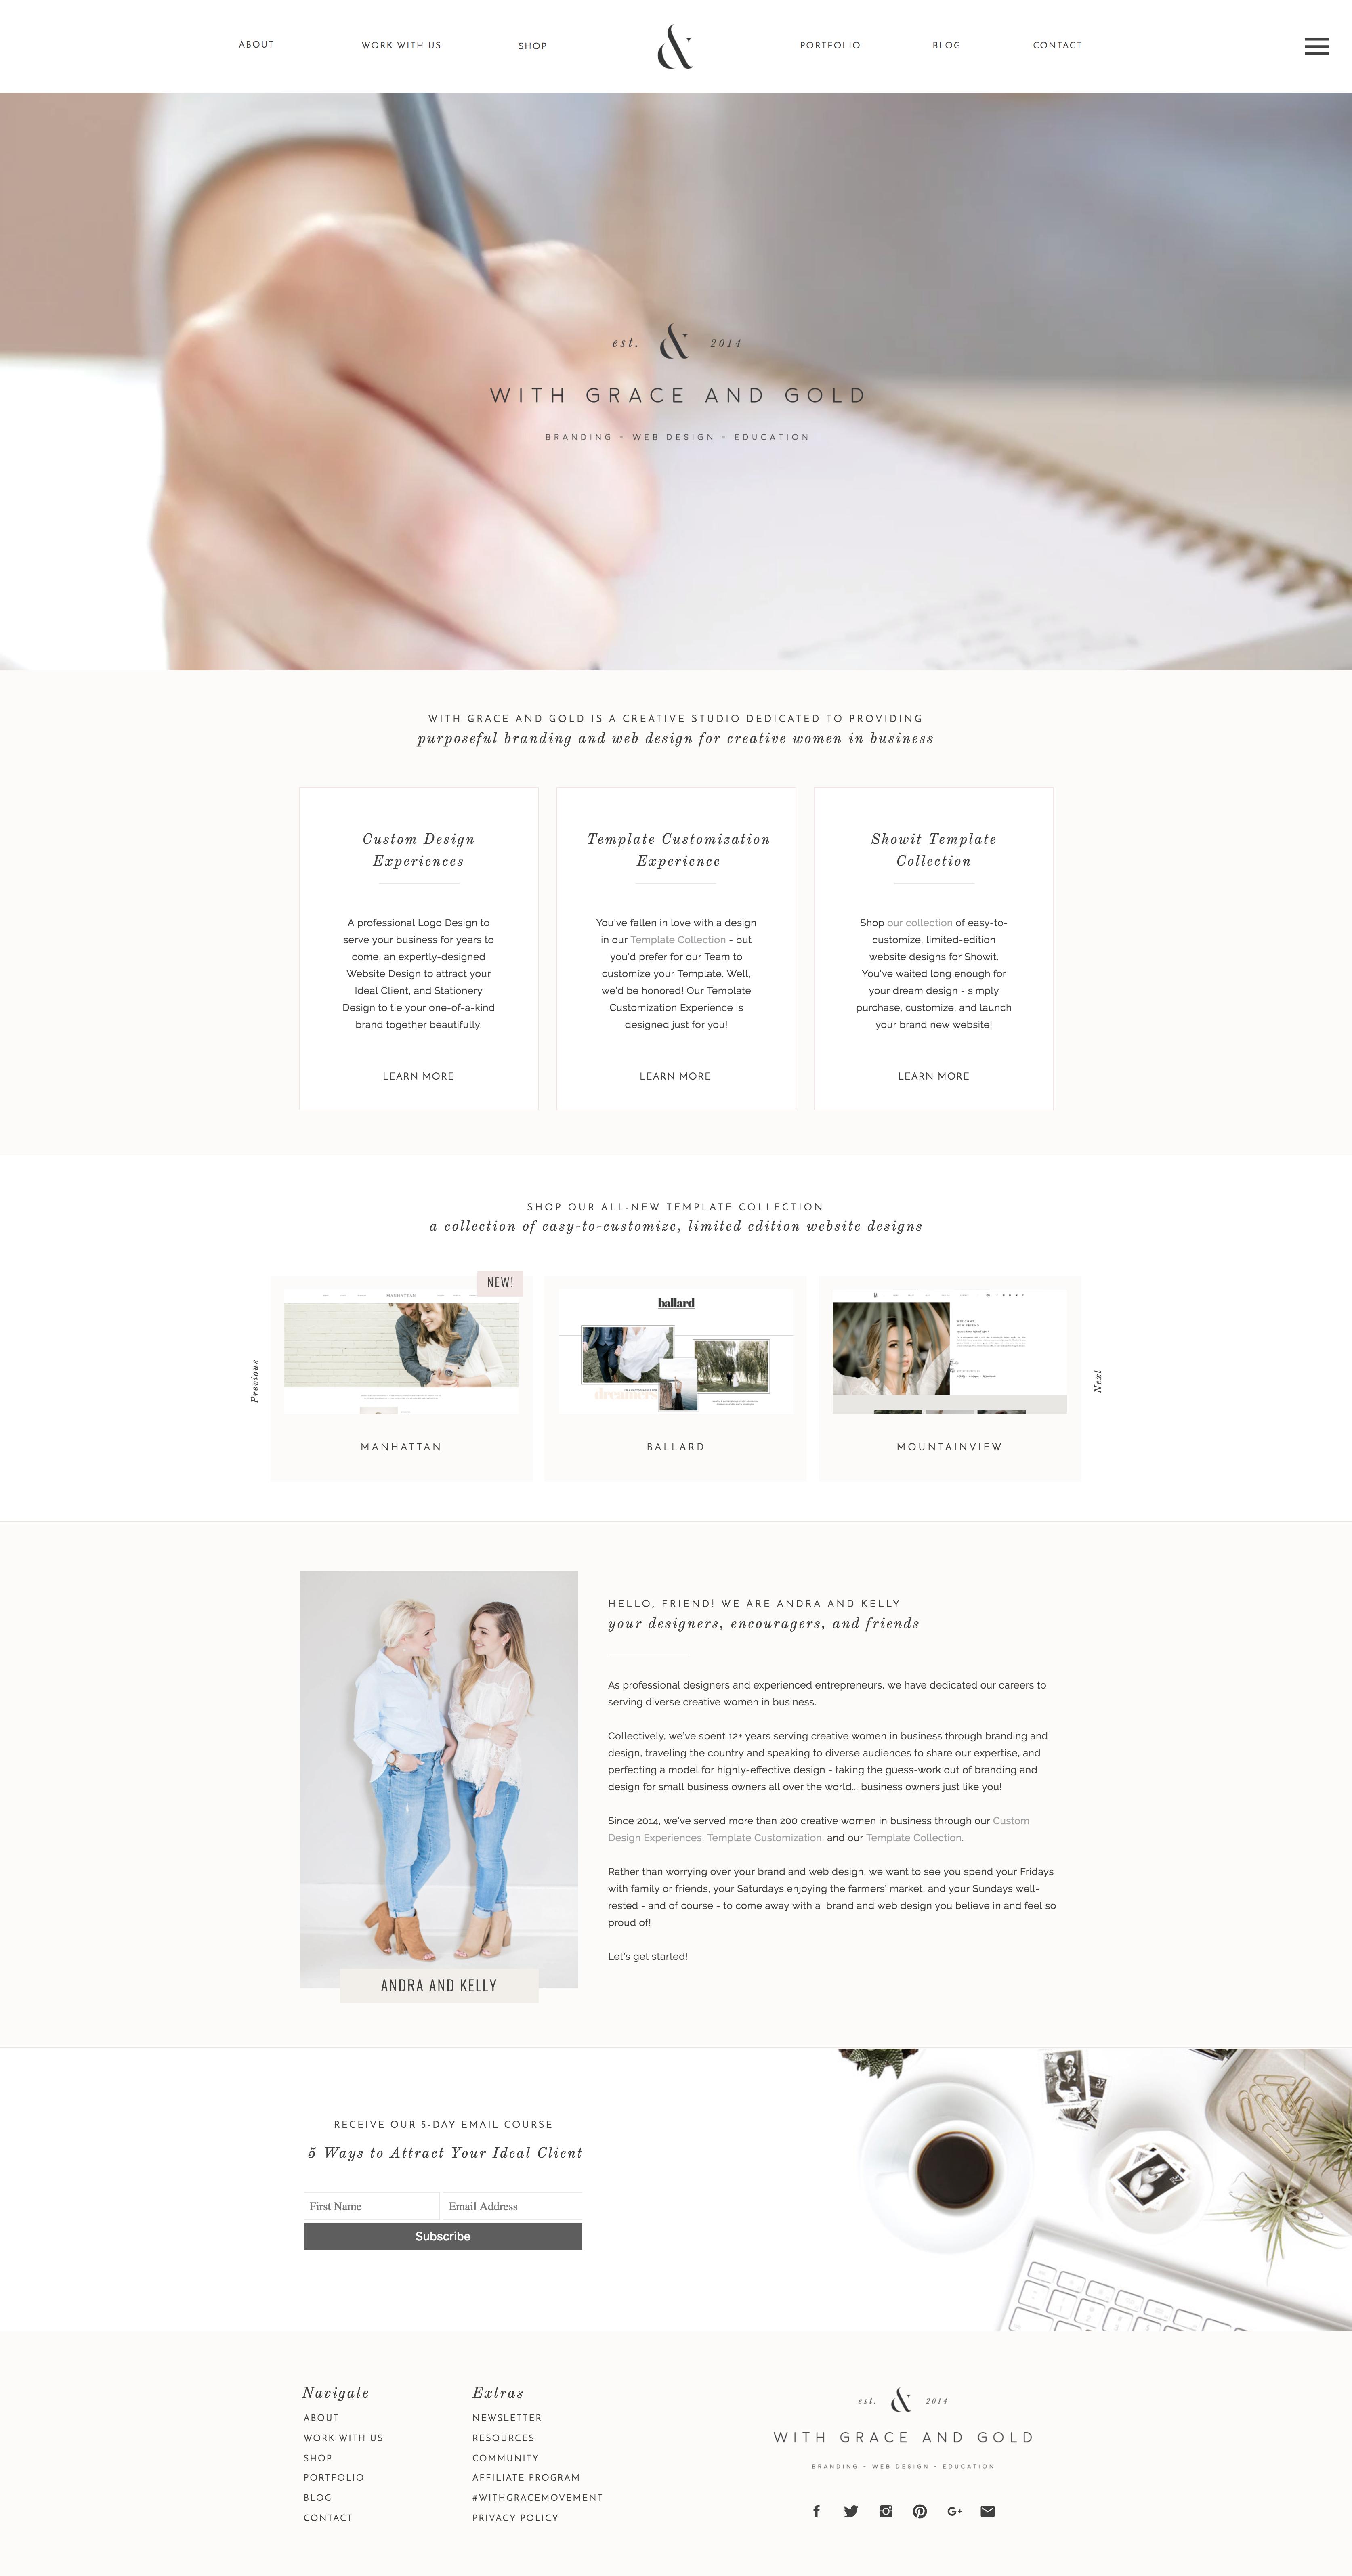 Branding Web Design And Education For Creative Women In Business Brand Brands Branding Brander Design Web Design Tips Web Development Design Web Design